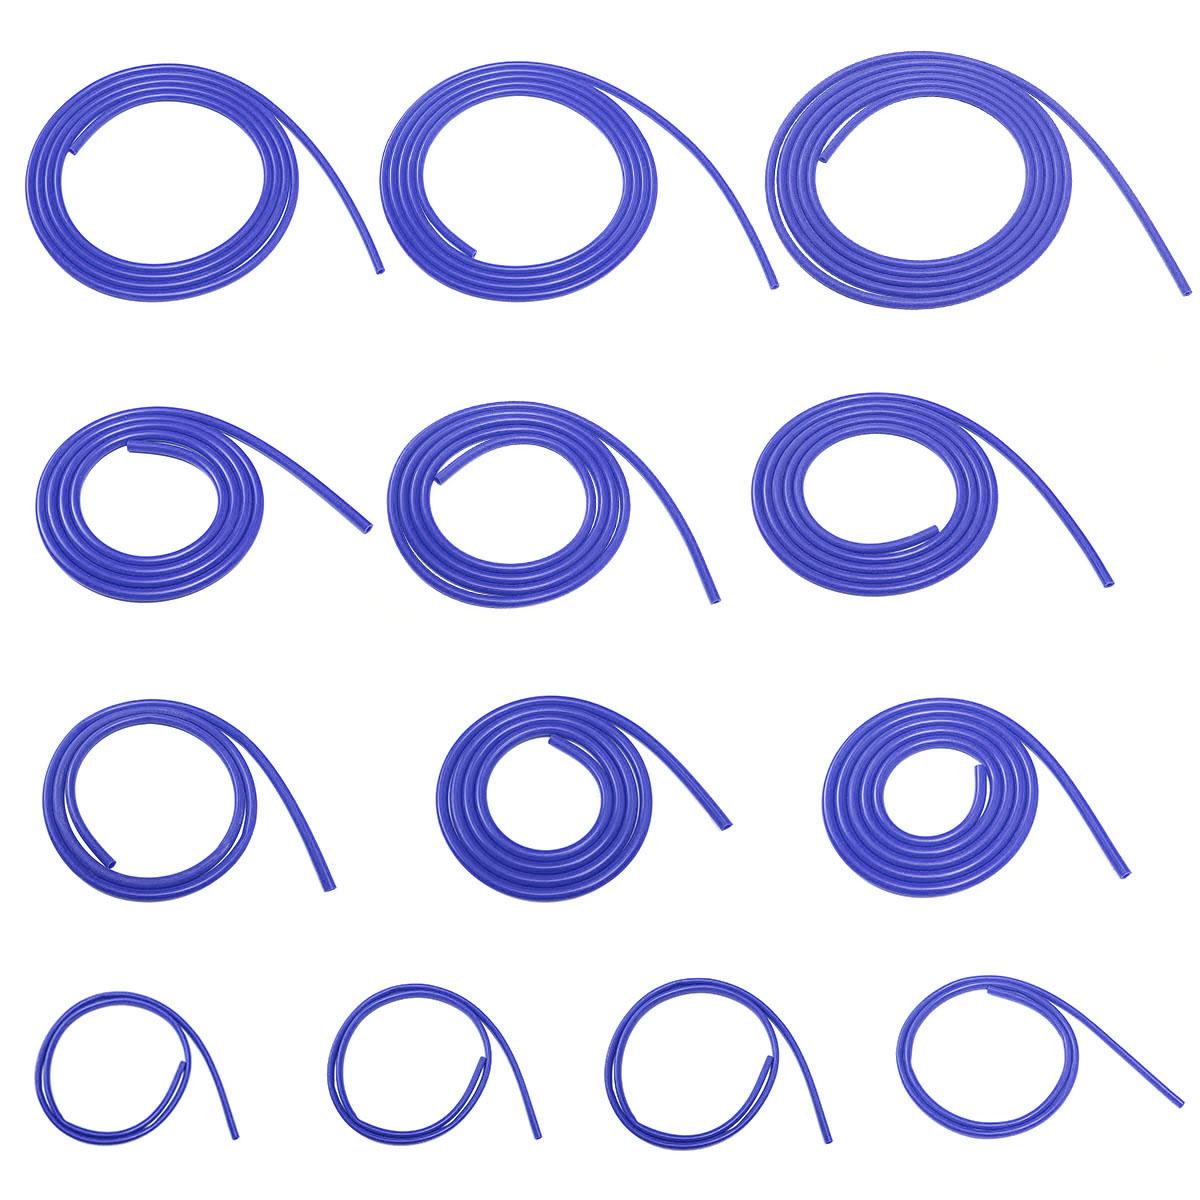 Silicone Vacuum Hose Boost Dump Valve Pipe 7mm ID Blue